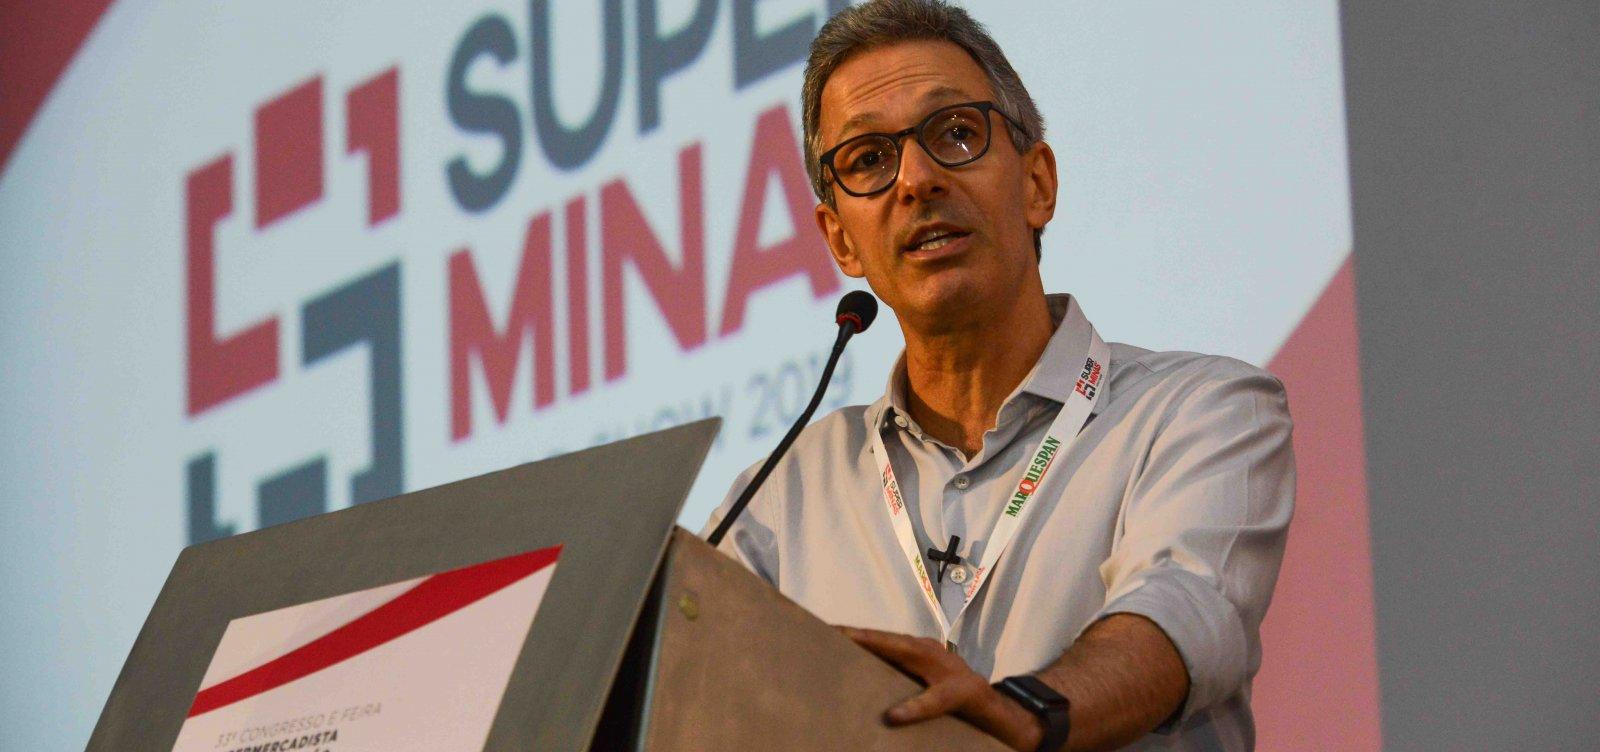 [Constituição deixou Brasil 'um tanto quanto ingovernável', diz governador de Minas]